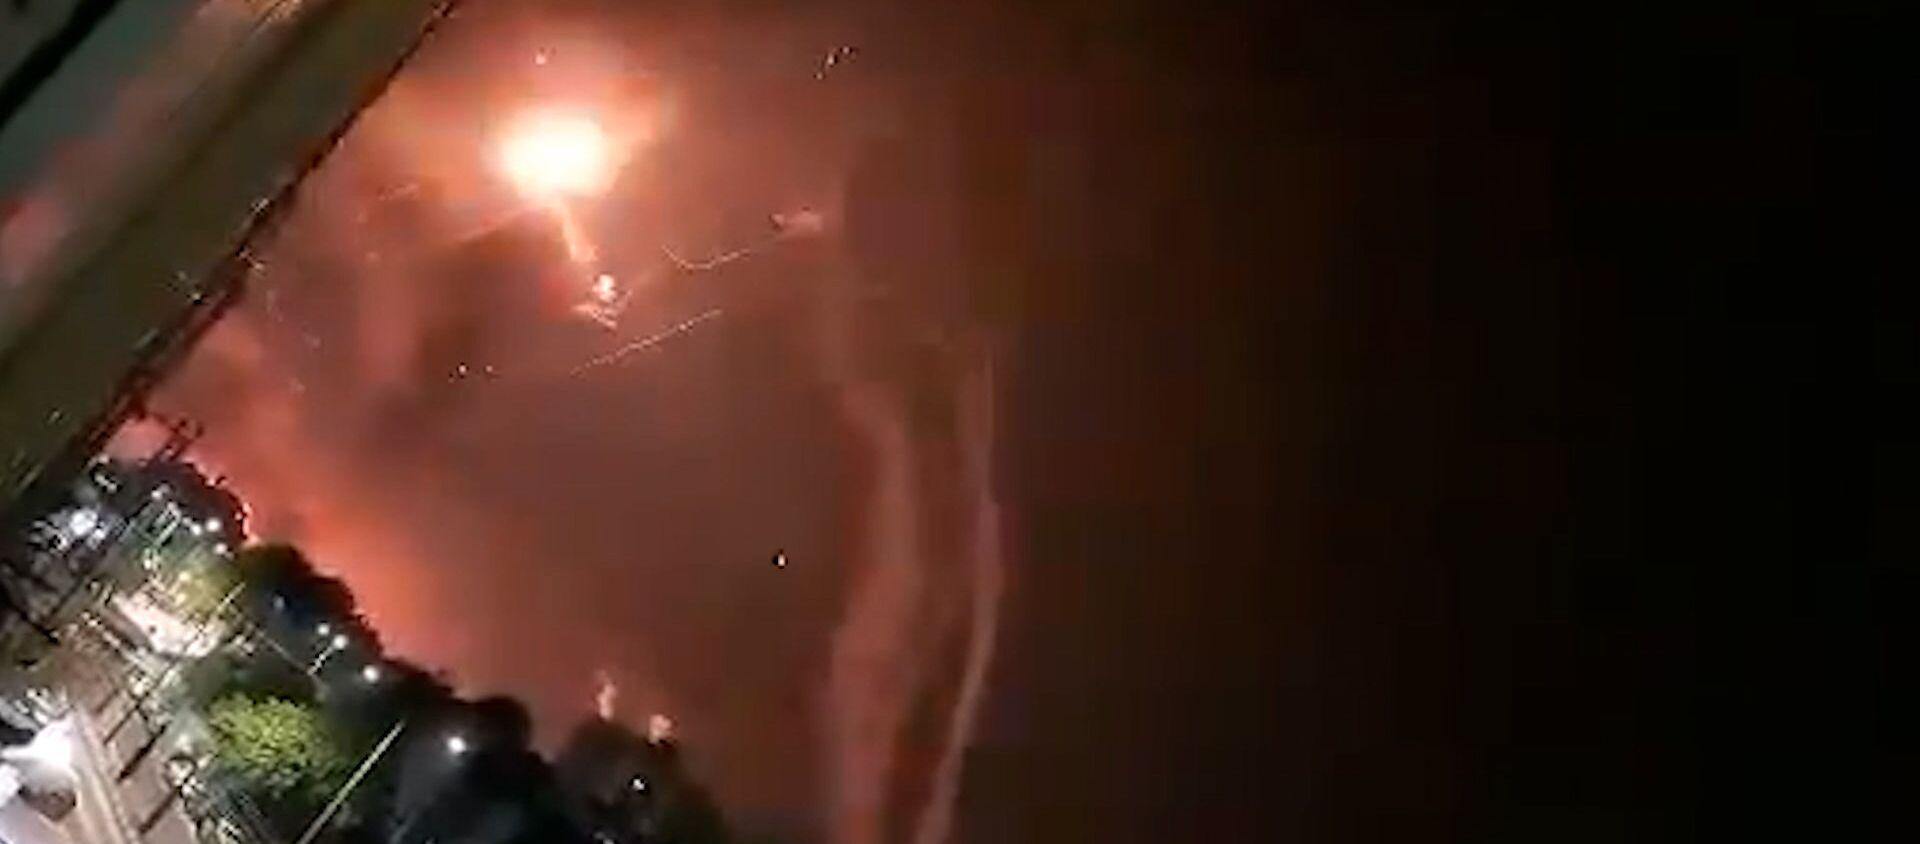 Израиль и Палестина: обмен ракетными ударами не прекращается - видео - Sputnik Беларусь, 1920, 12.05.2021